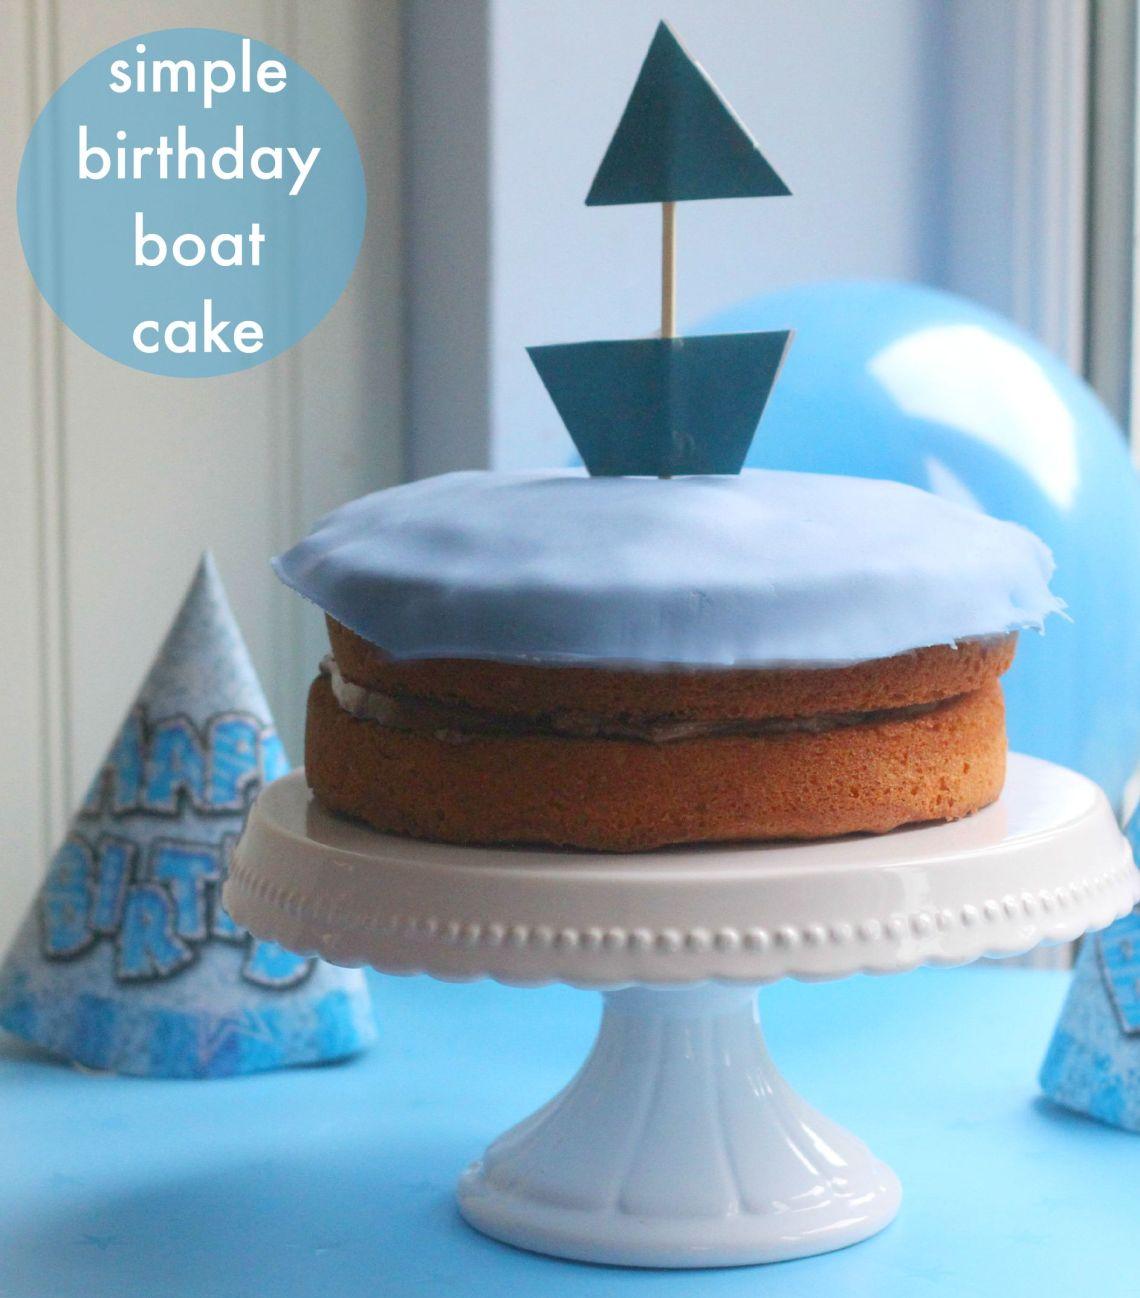 Cake Images Boat : Simple Birthday Boat Cake - mummy mishaps